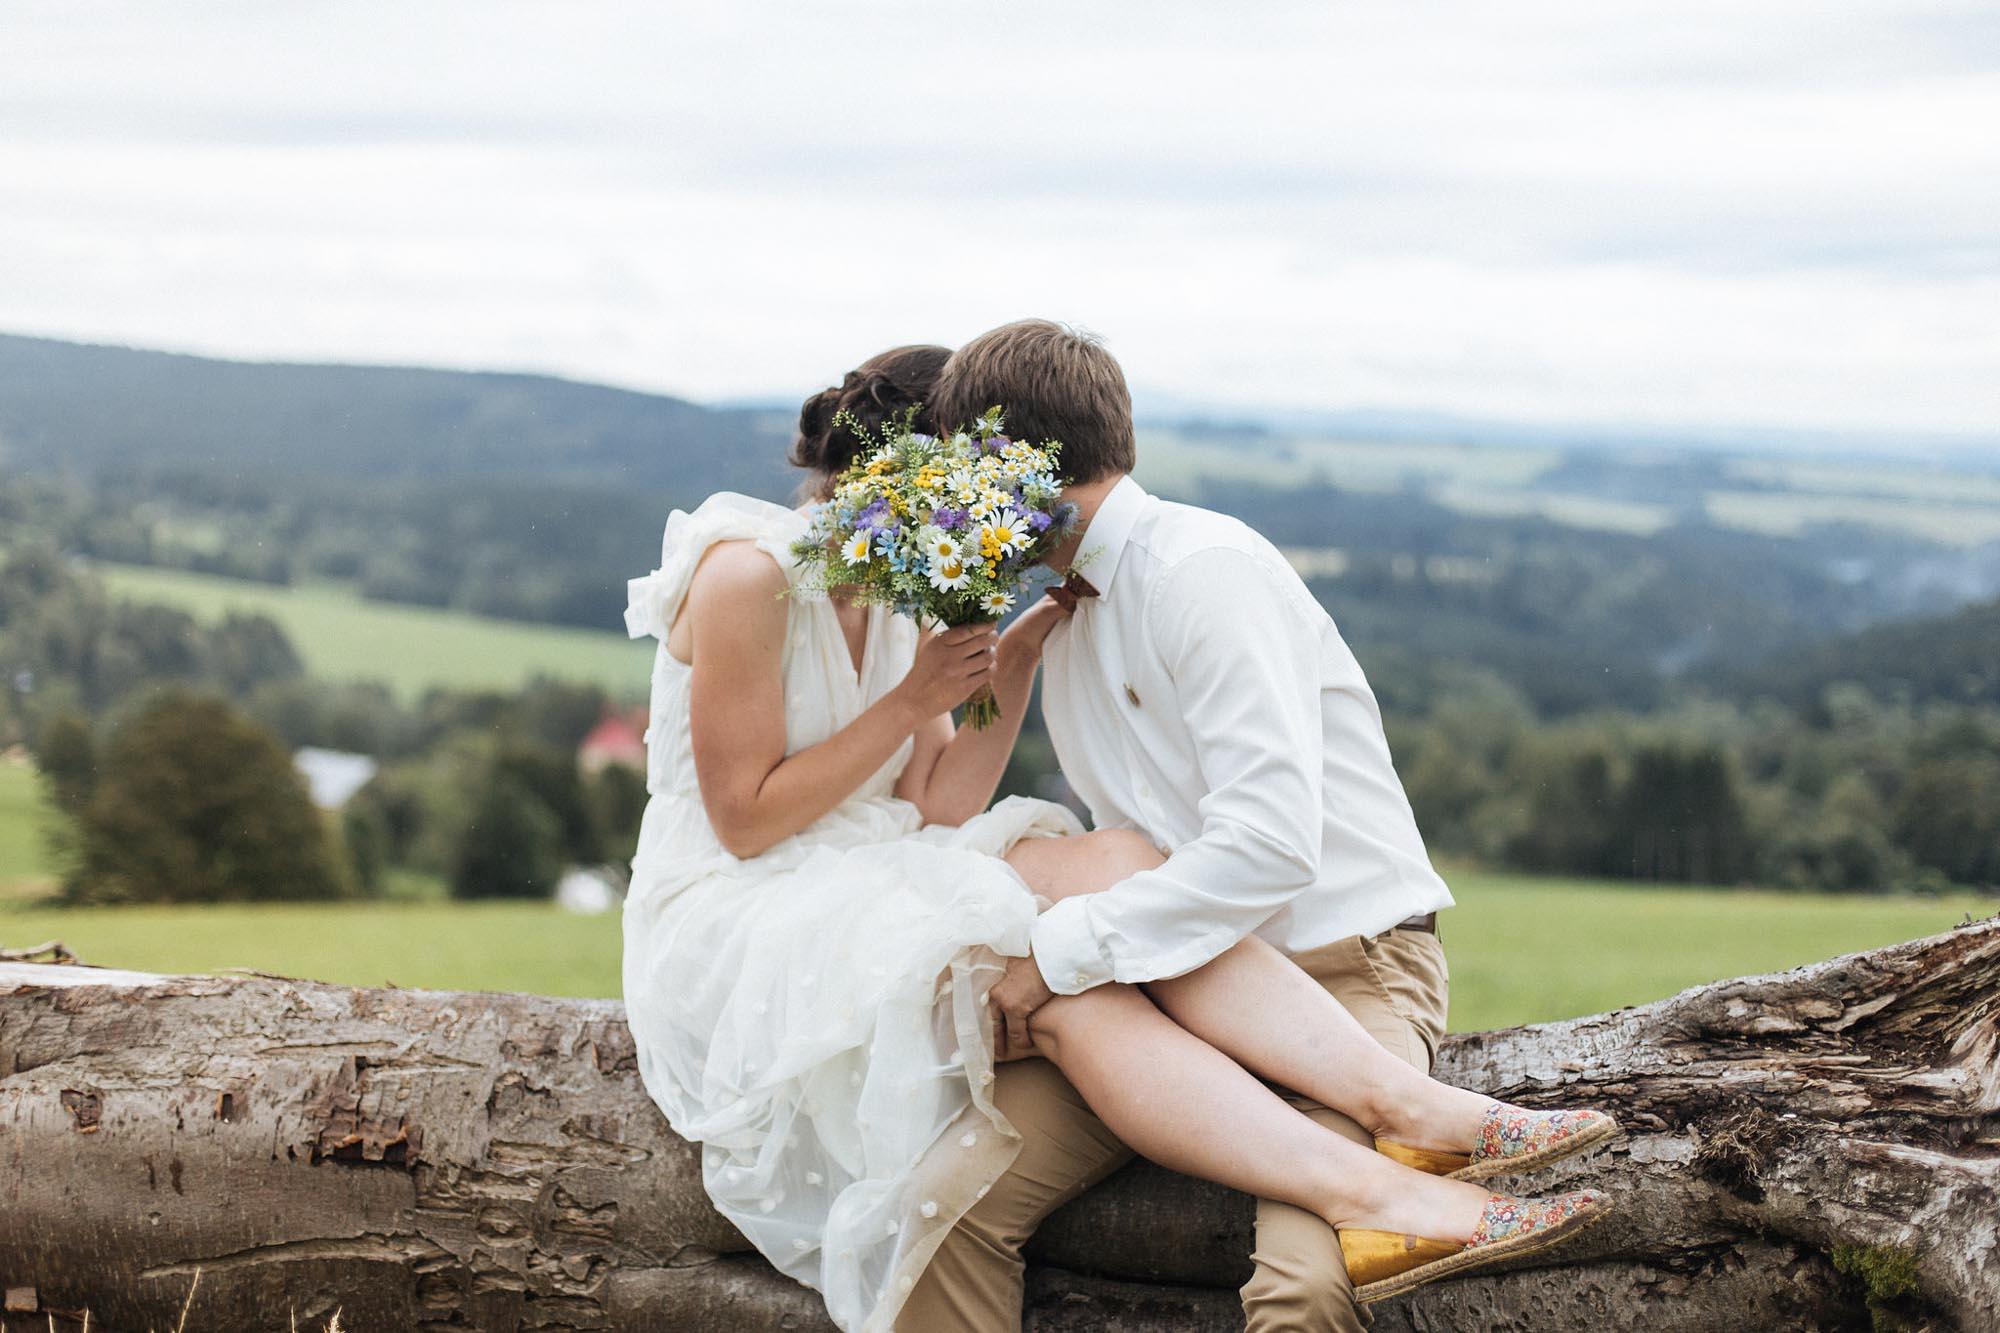 Klárka a Ondra - kávou inspirovaná svatba v Orlických horách od Ceranna Photography (118 of 145)